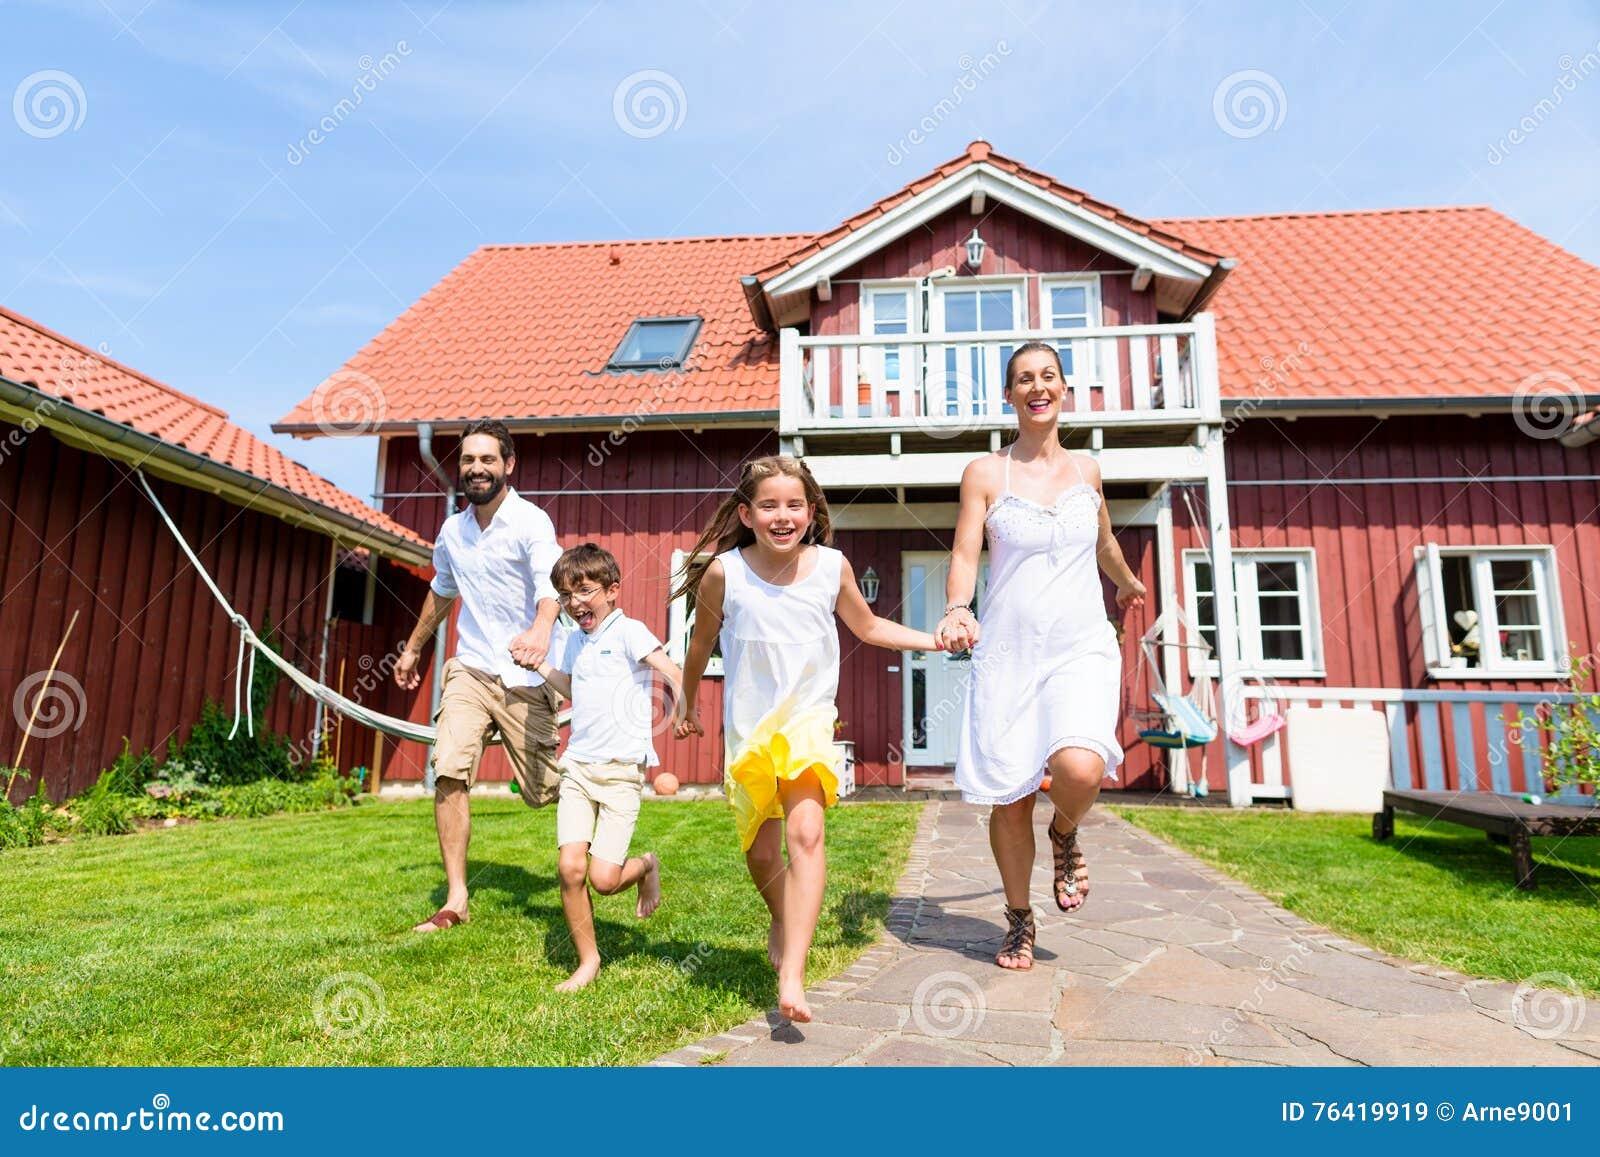 Ευτυχής οικογένεια που τρέχει στο λιβάδι μπροστά από το σπίτι